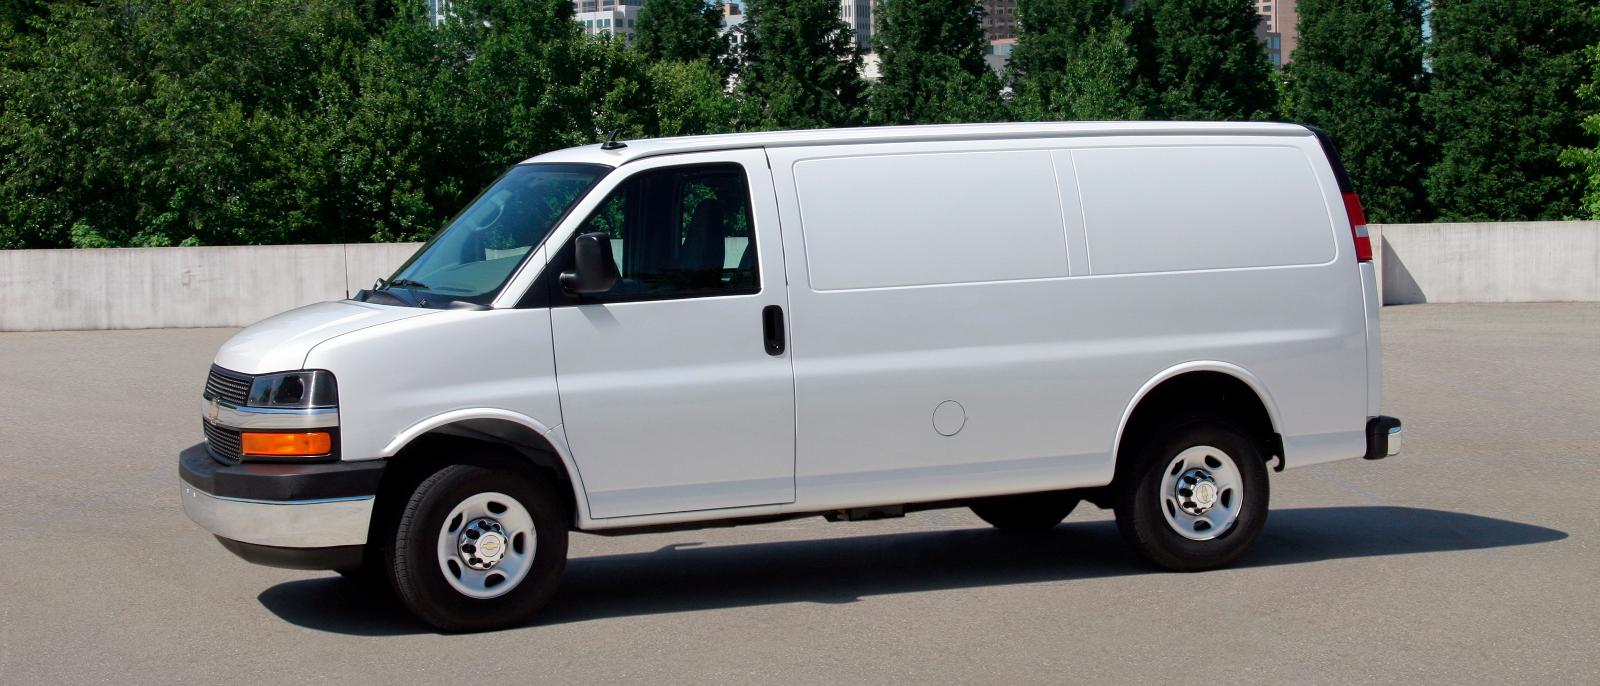 Chevrolet express cargo van chevrolet express 2500 cargo van